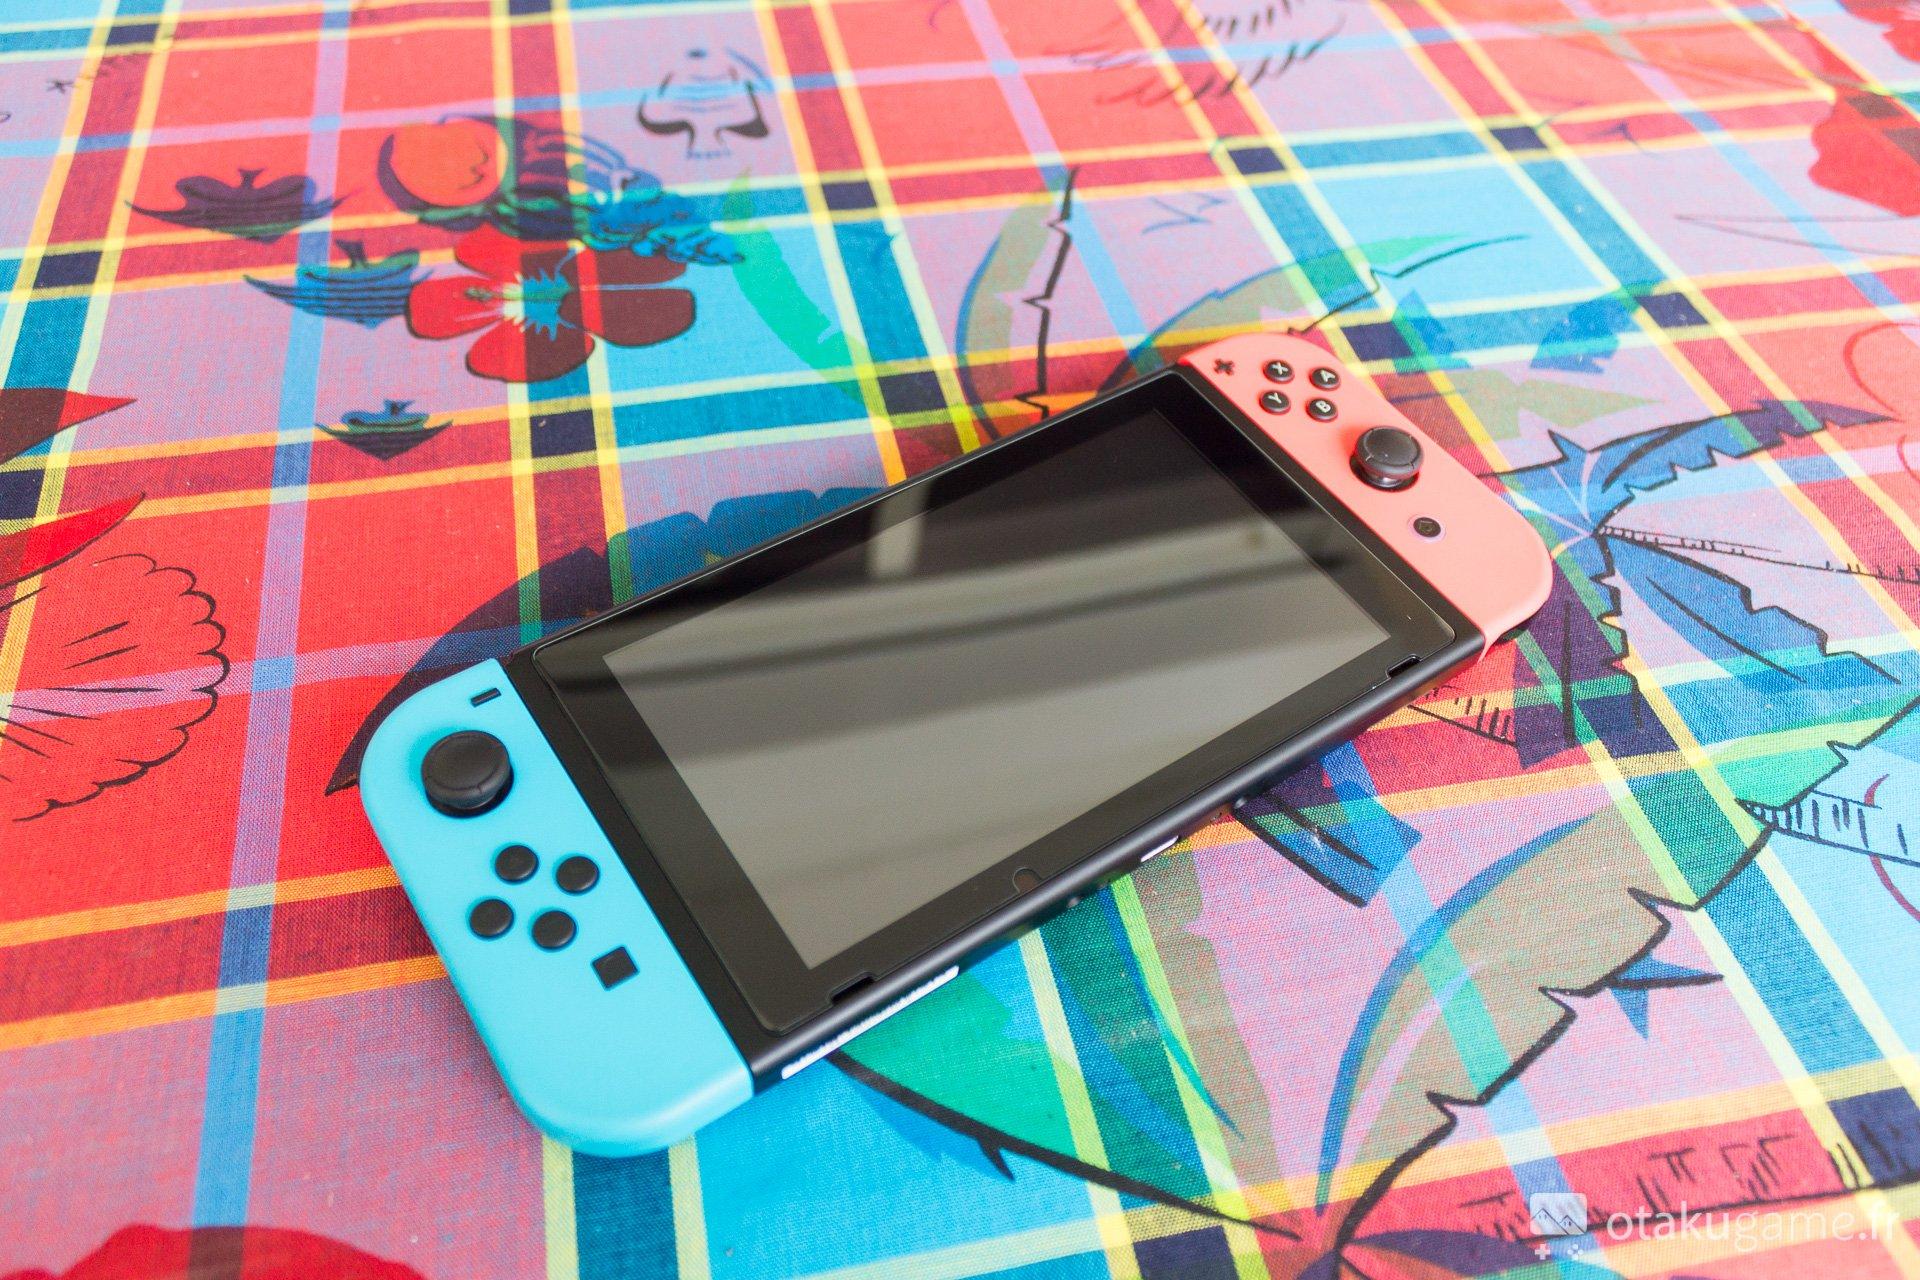 Et voilà à quoi ressemble notre Switch après coup !